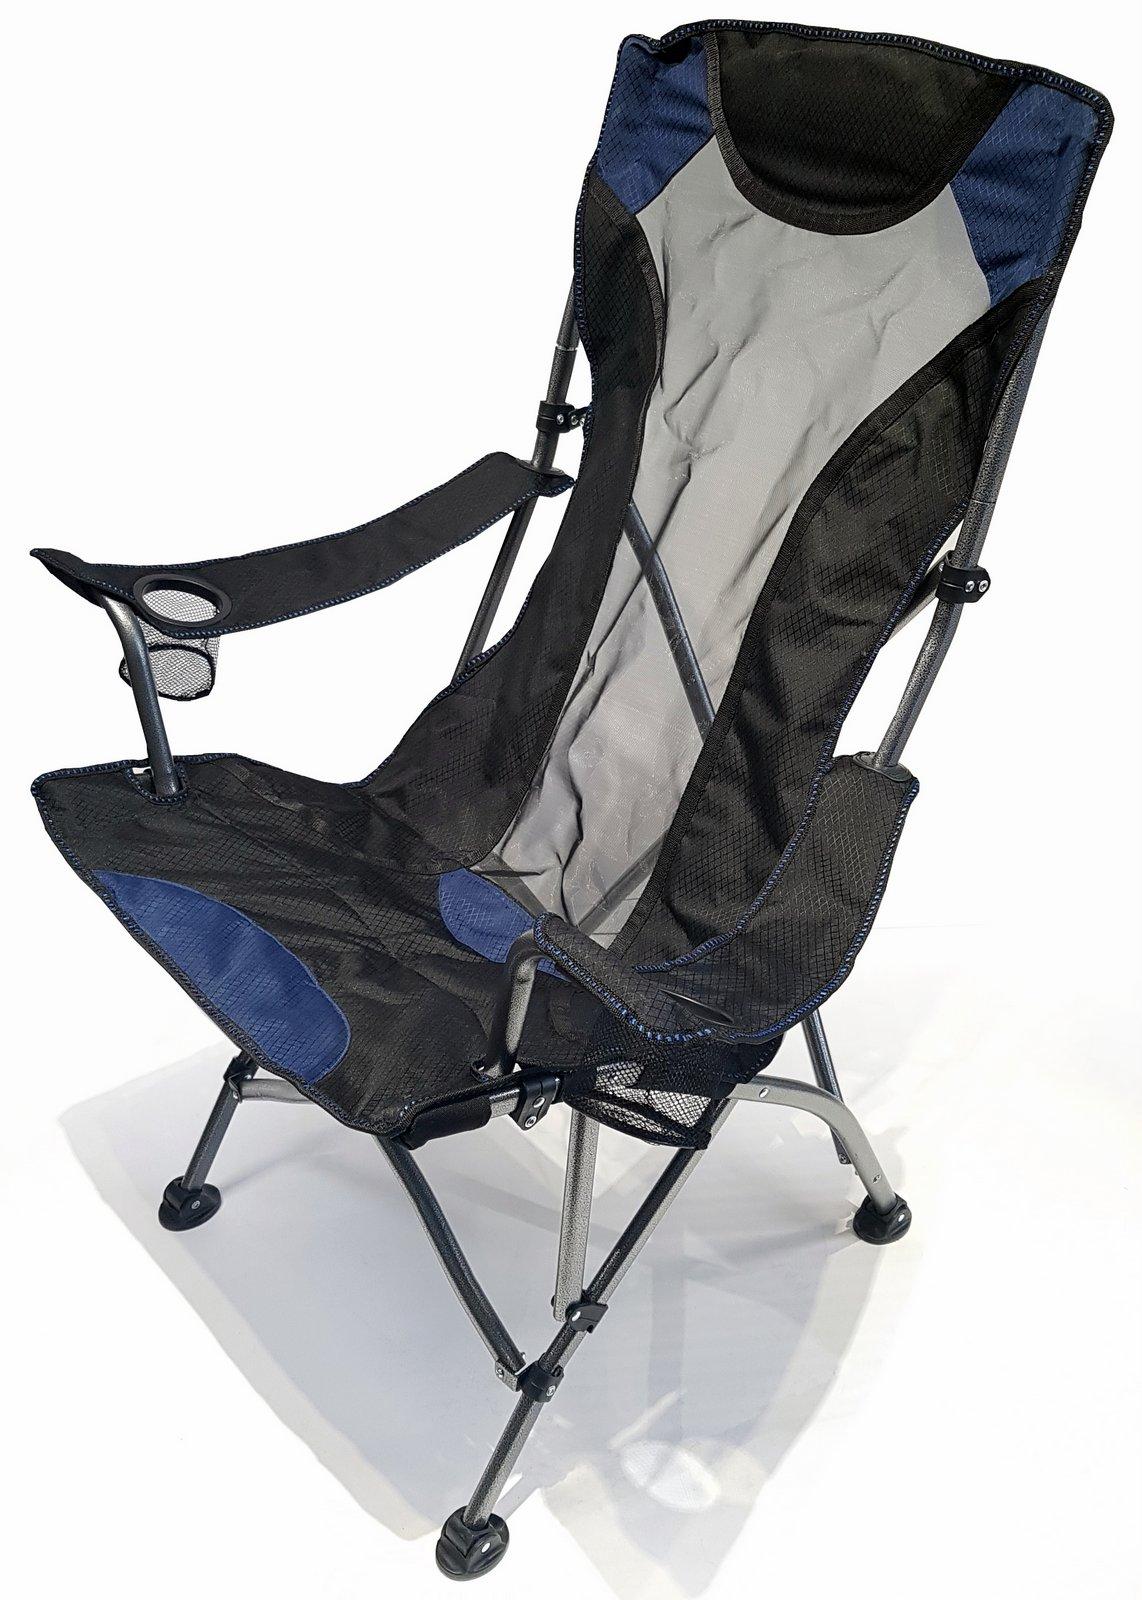 osoltus faltstuhl klappstuhl angelstuhl campingstuhl hoch. Black Bedroom Furniture Sets. Home Design Ideas